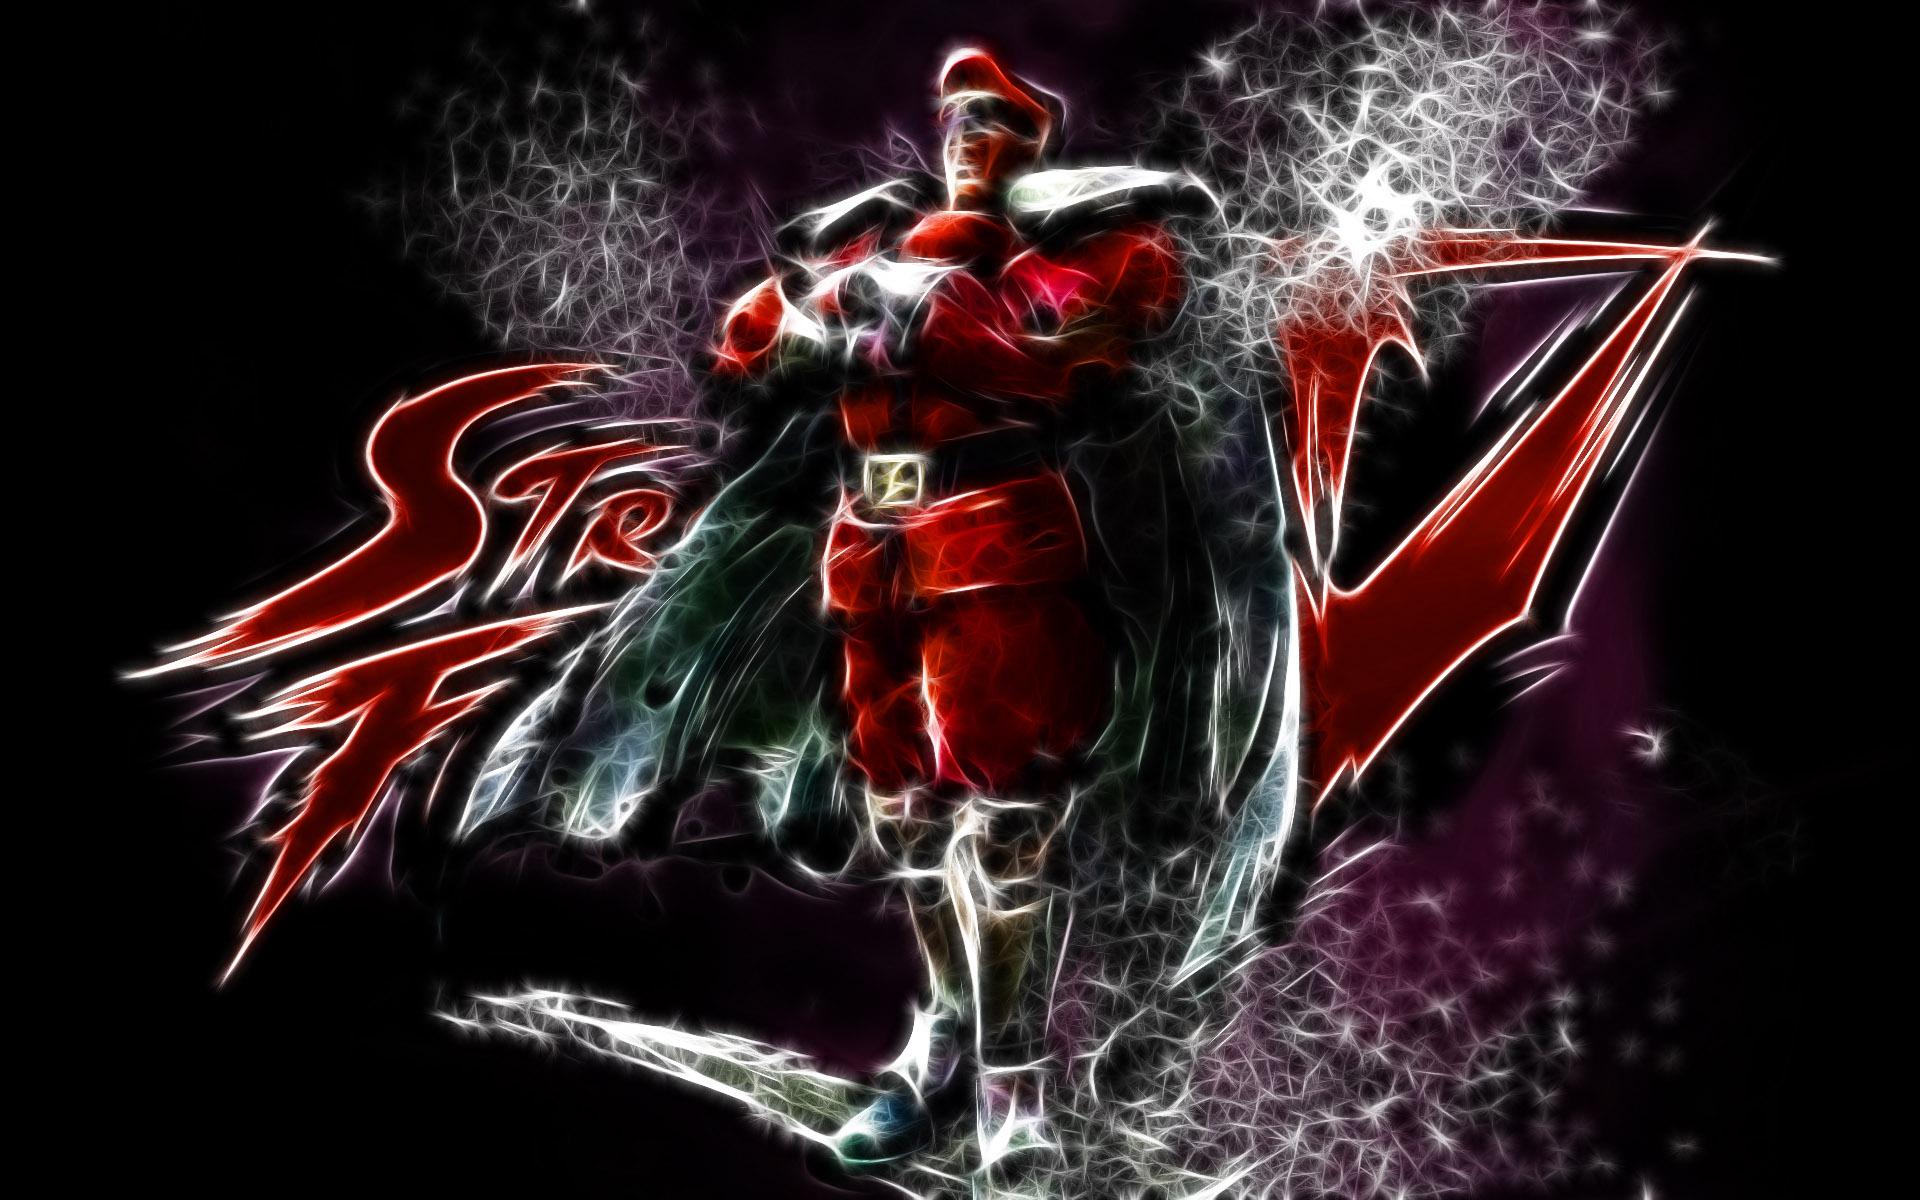 Street Fighter 5 Wallpaper: Street Fighter Street Fighter IV Mr Bison Wallpaper